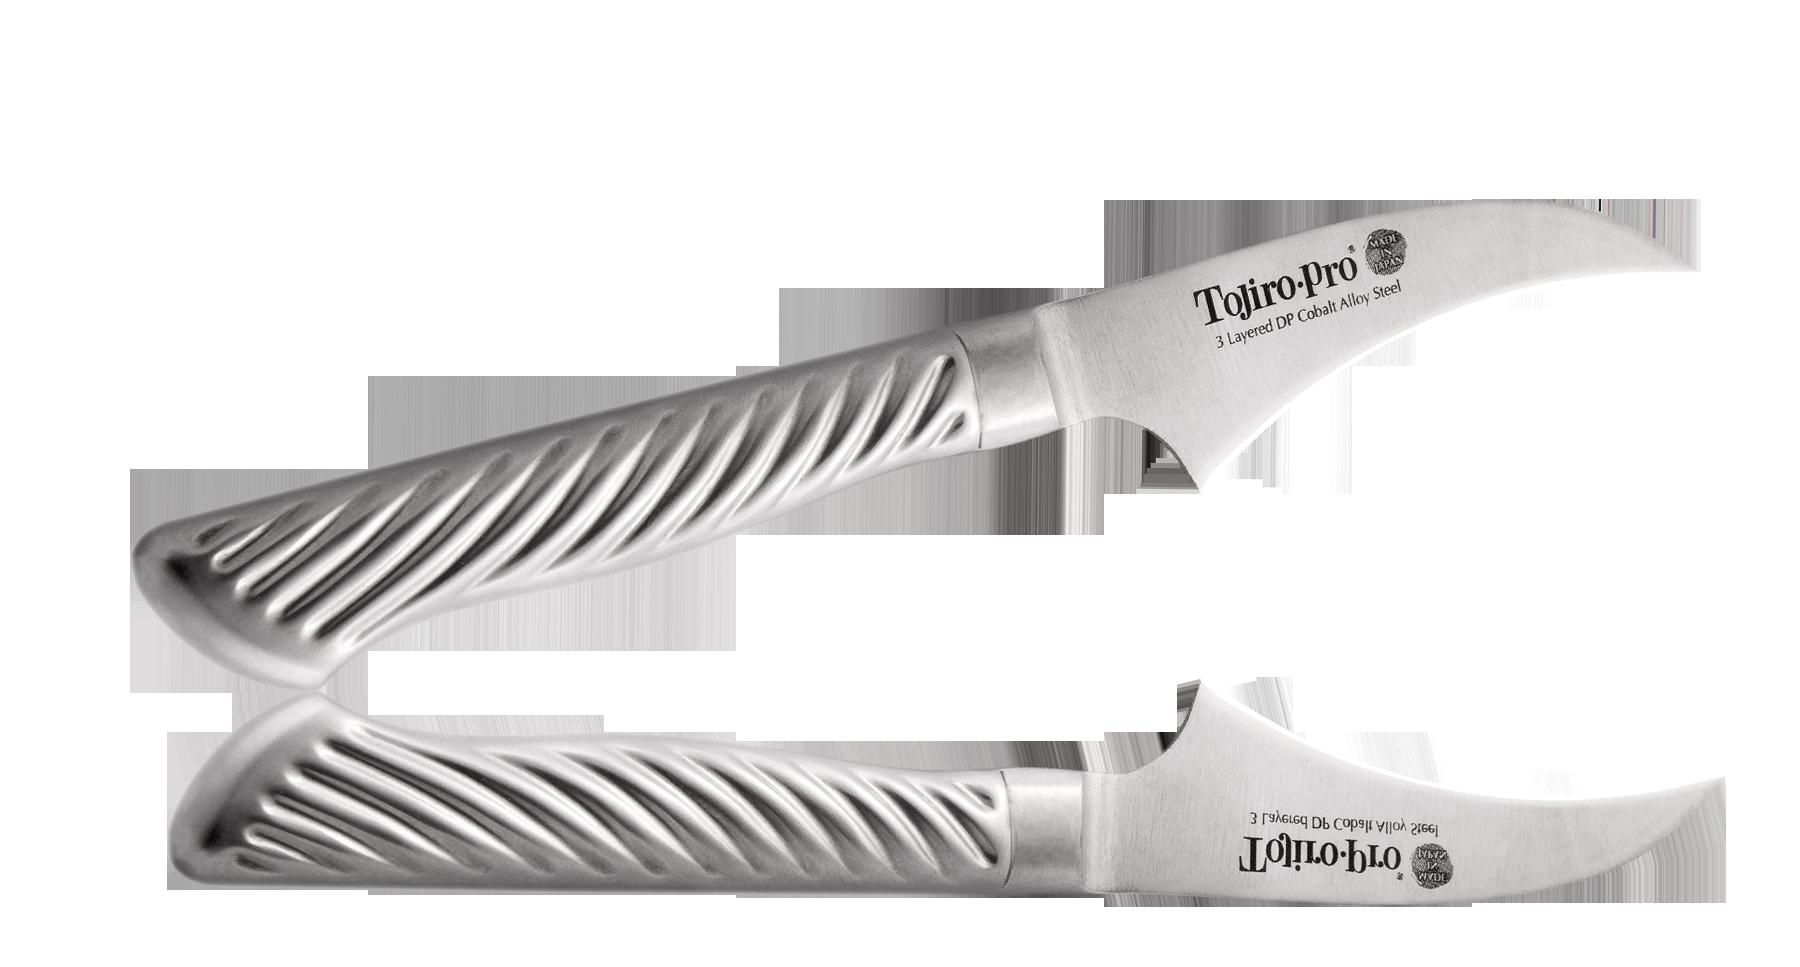 Нож для чистки овощей Tojiro PRO 70 мм, сталь VG-10Tojiro<br>Нож для чистки овощей Tojiro PRO 70 мм, сталь VG-10<br>